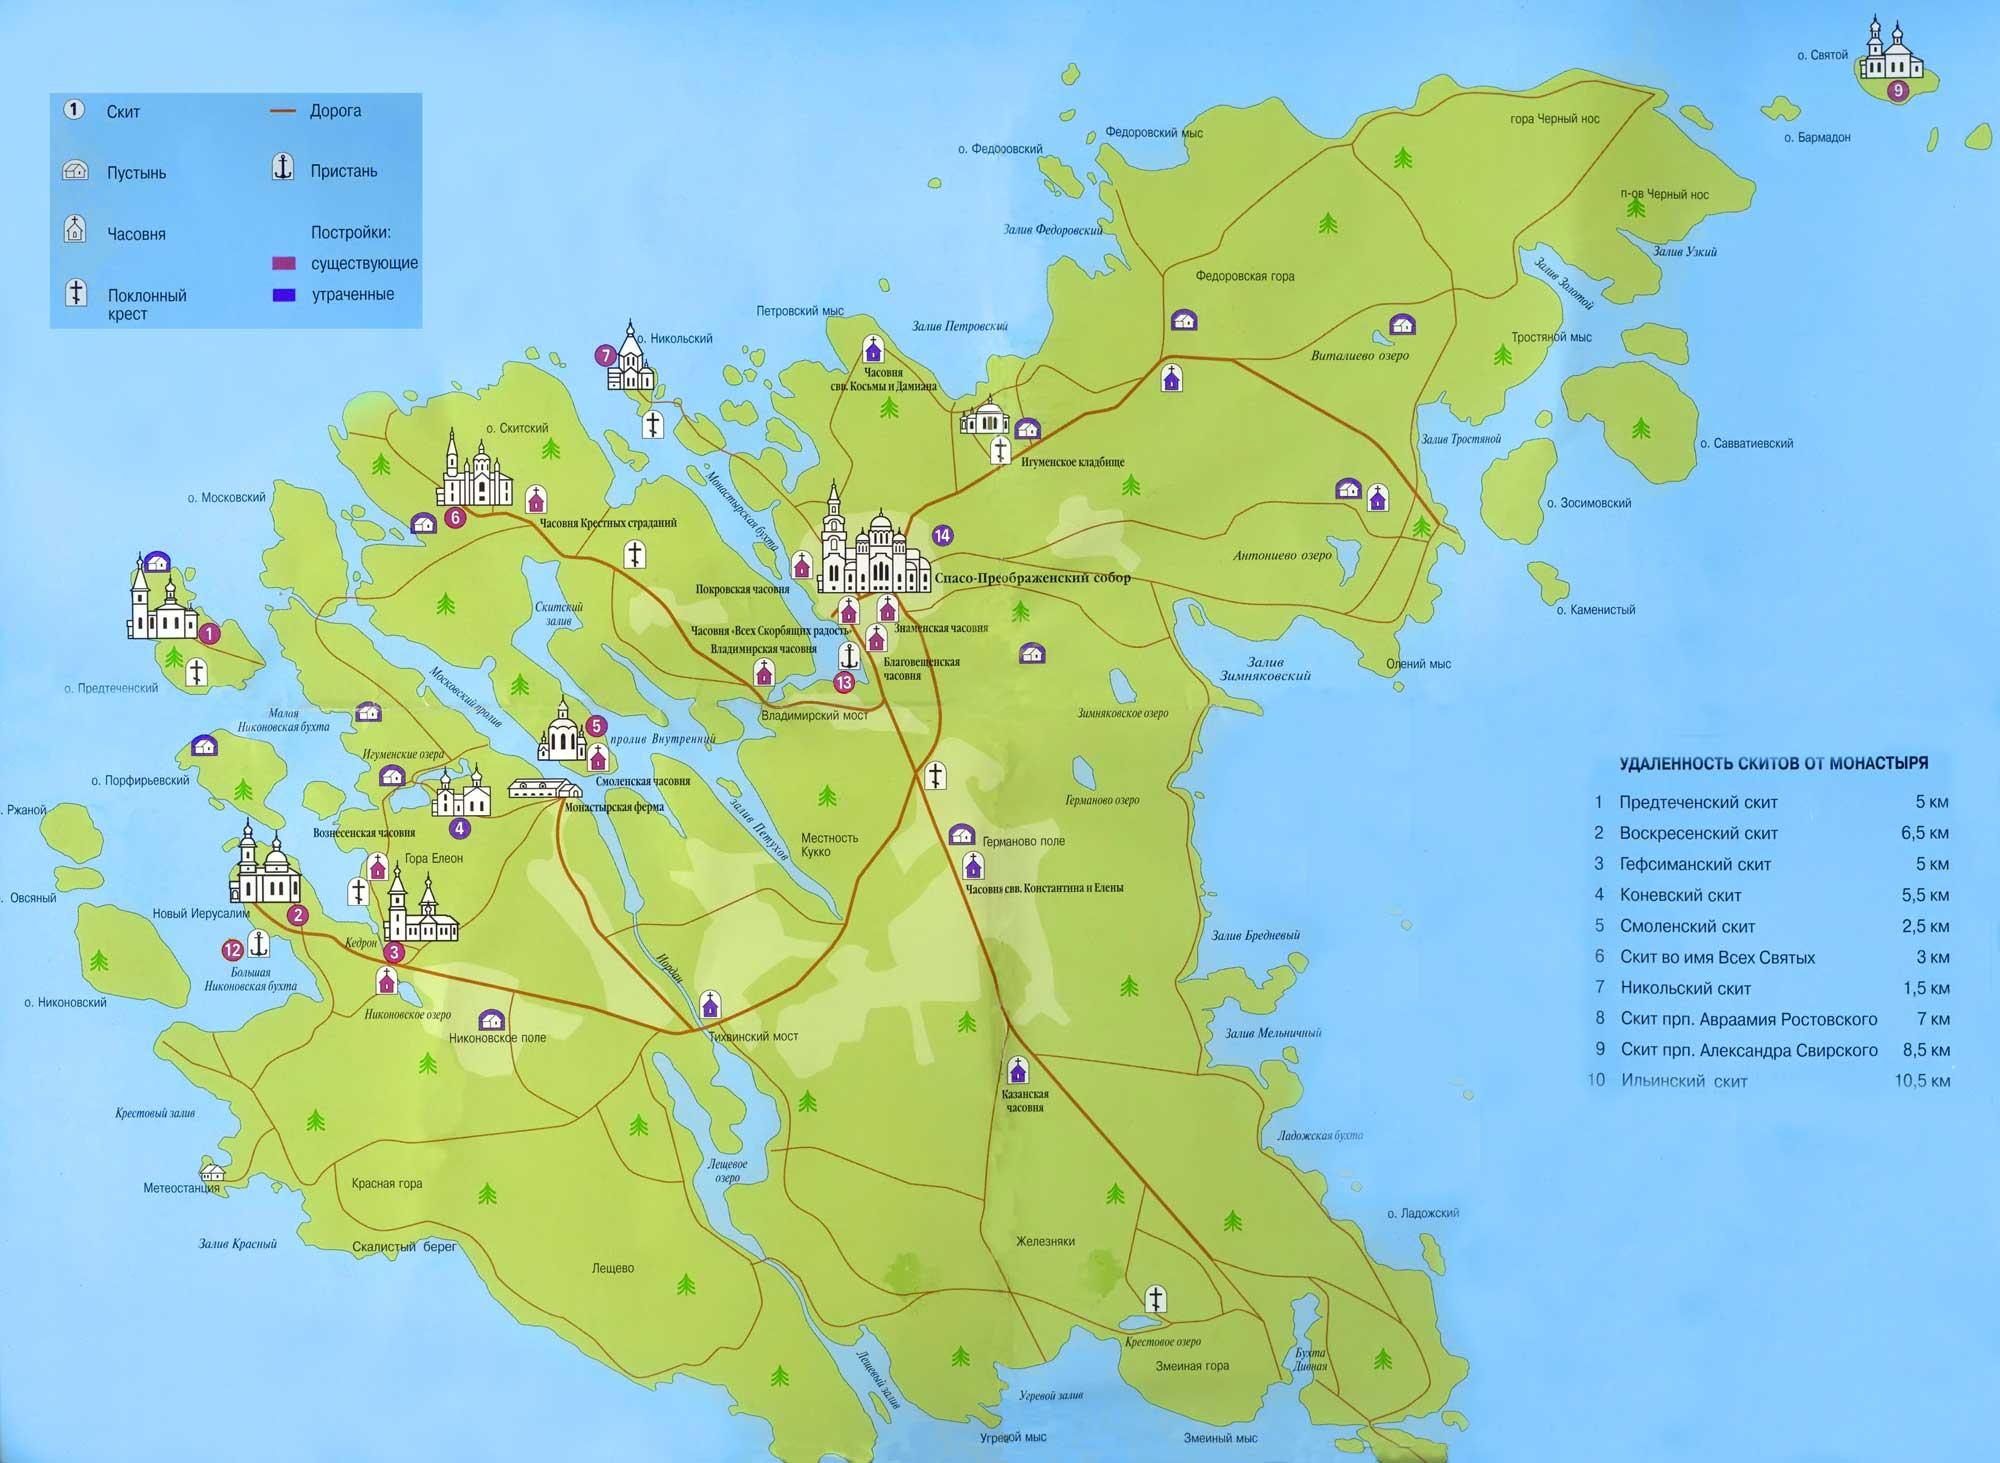 Это Валаамский архипелаг. Самый большой остров занимает 3/4 его части